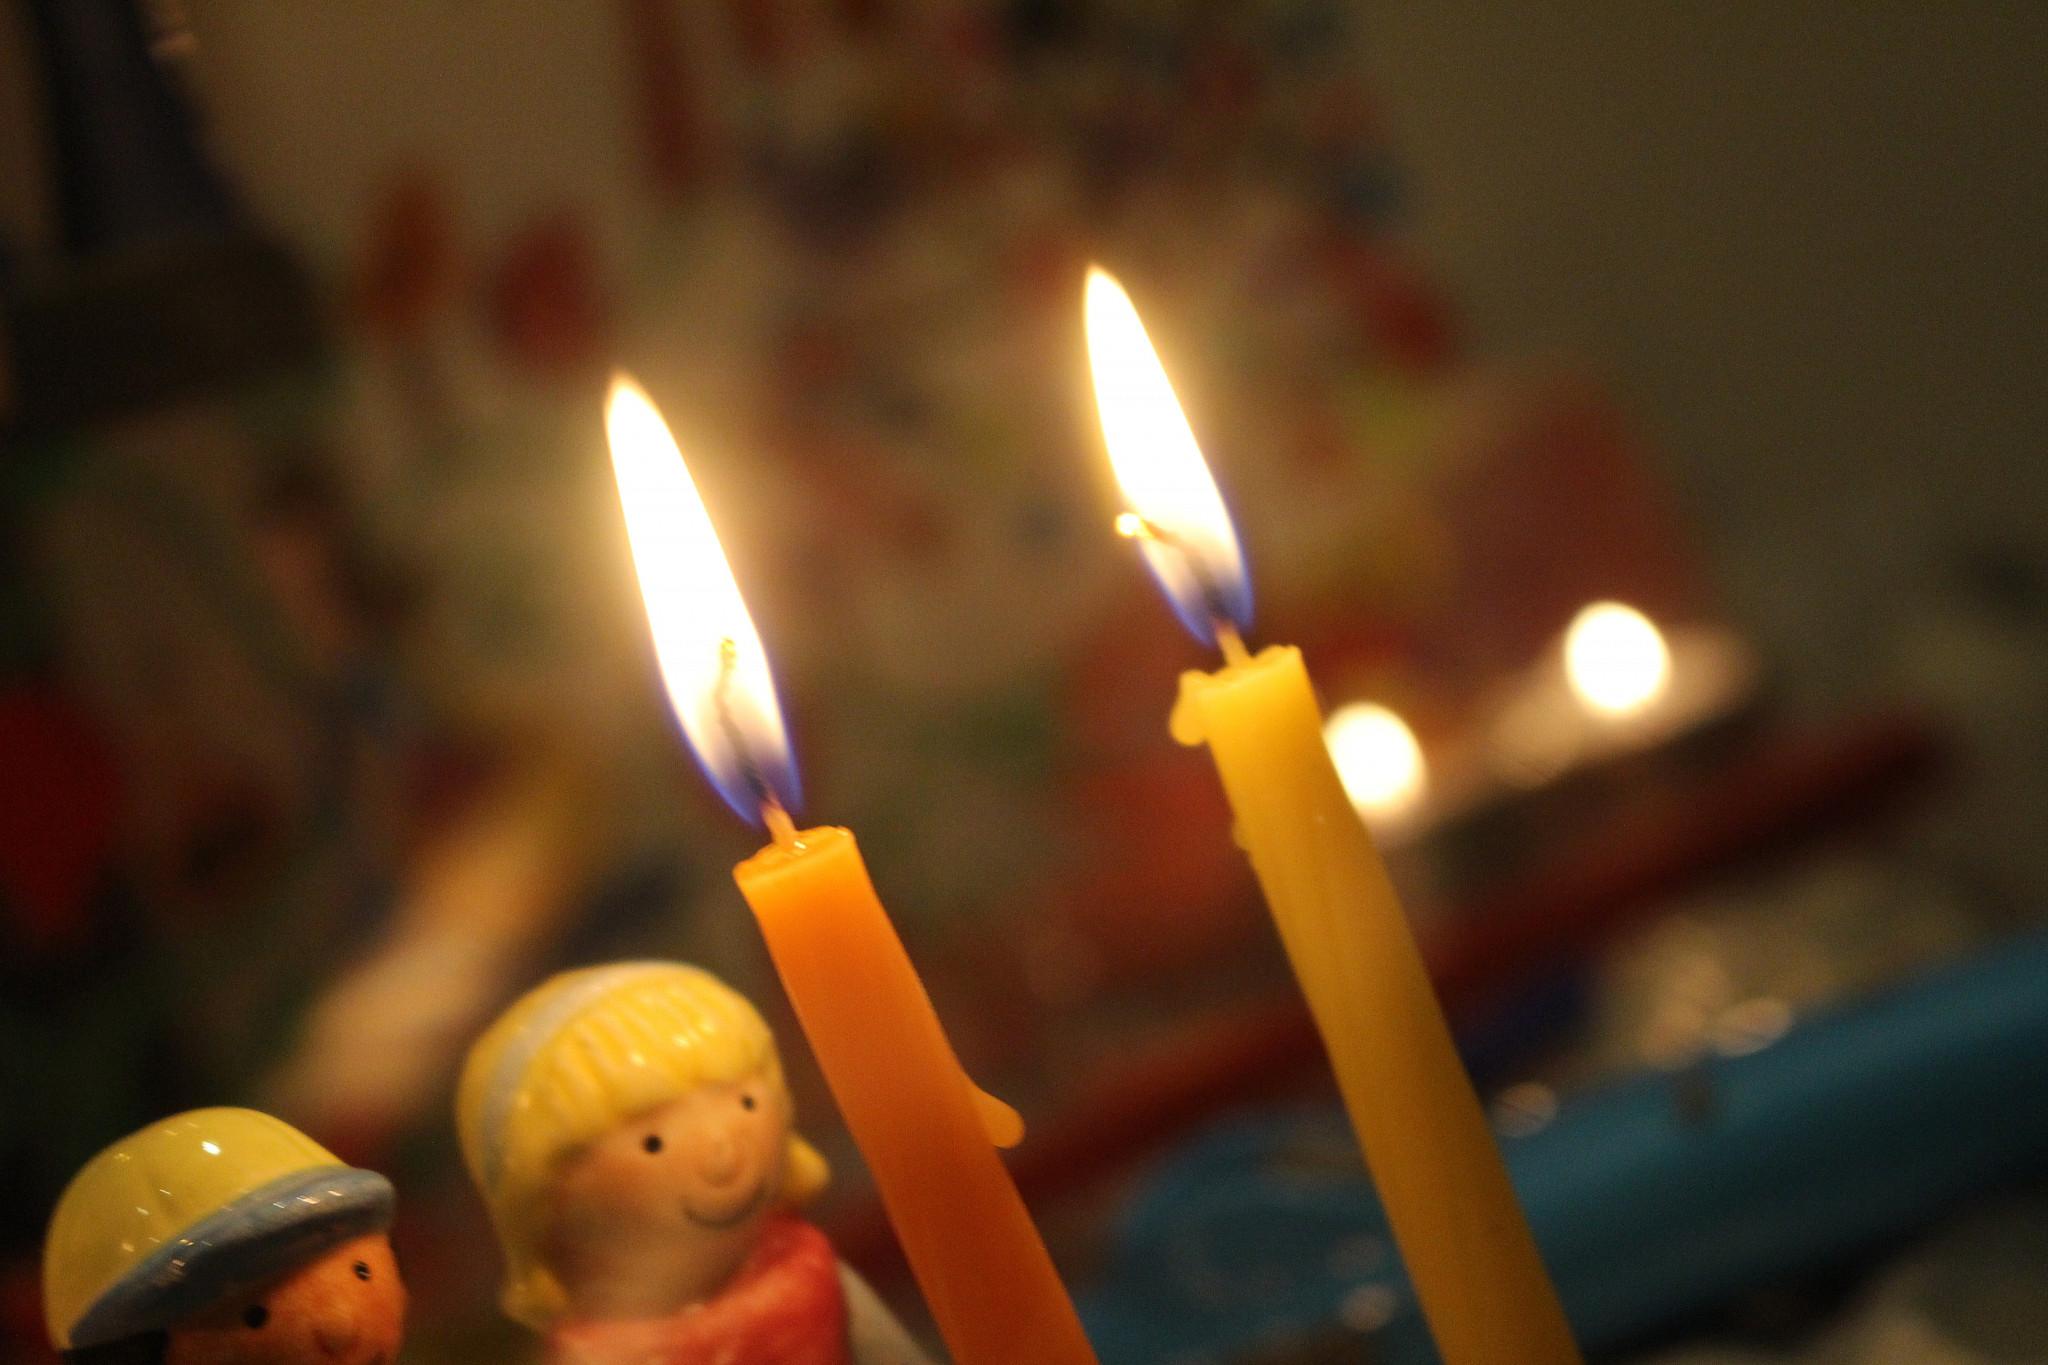 Hanukkah: The battle for our soul